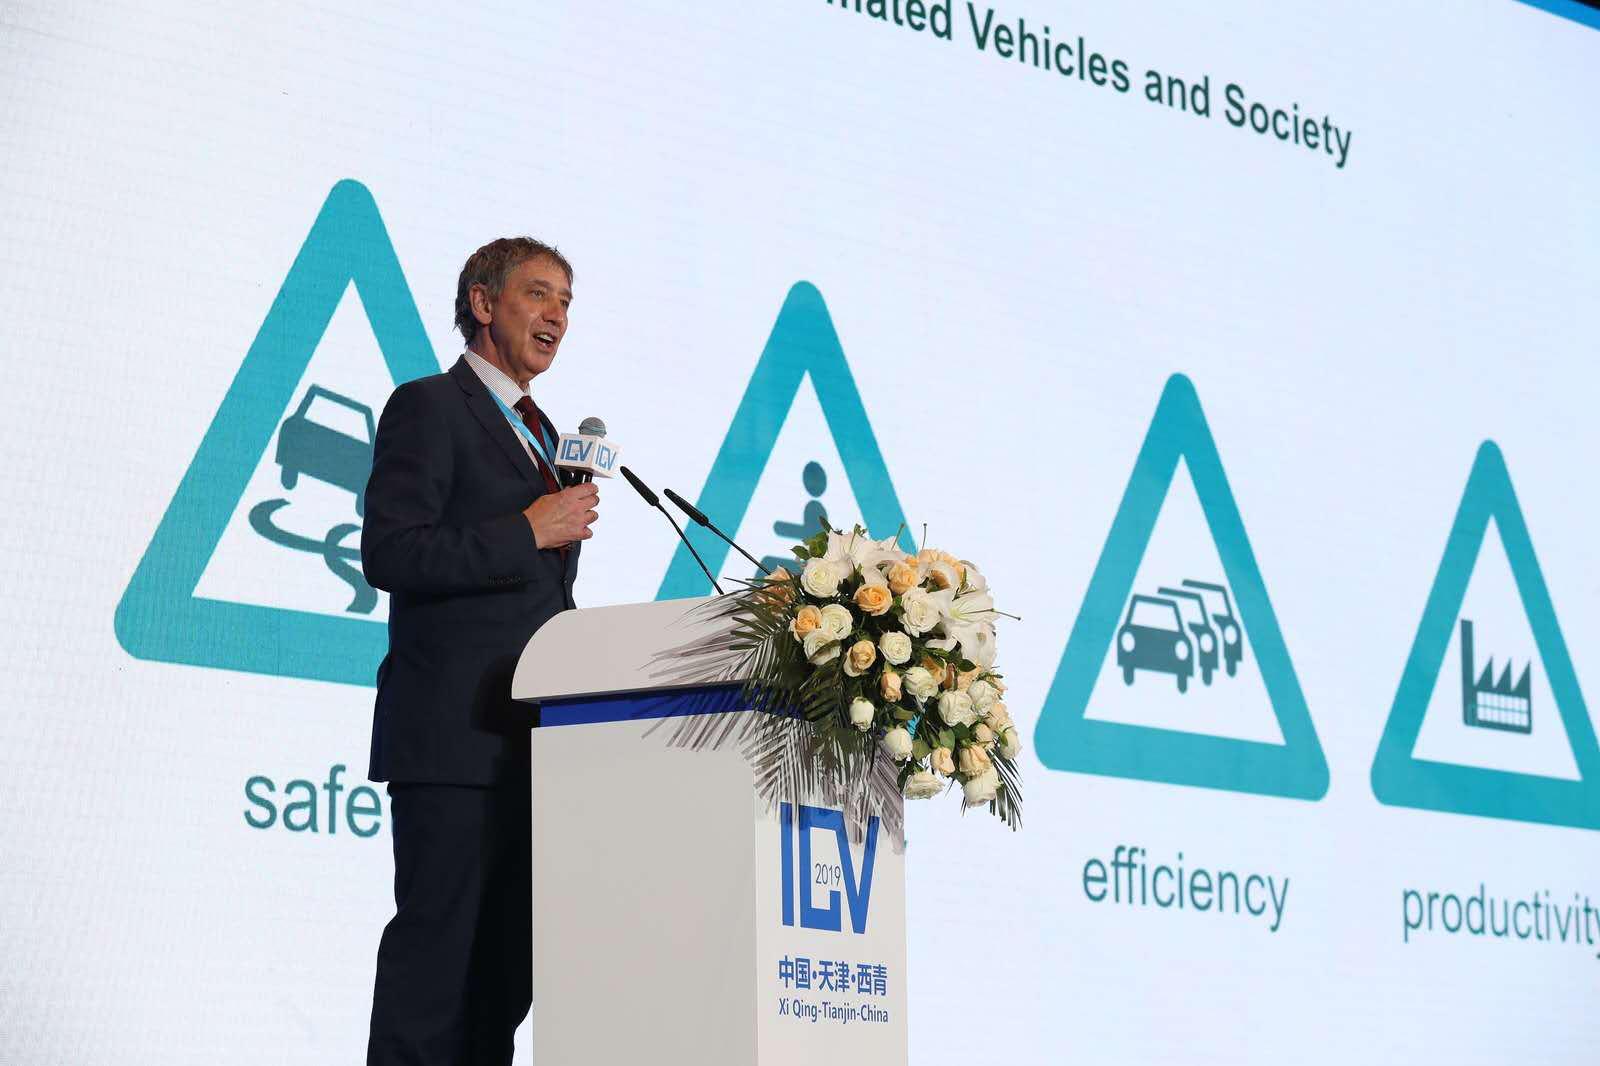 英国交通部国际车辆标准司司长Ian Yarnold